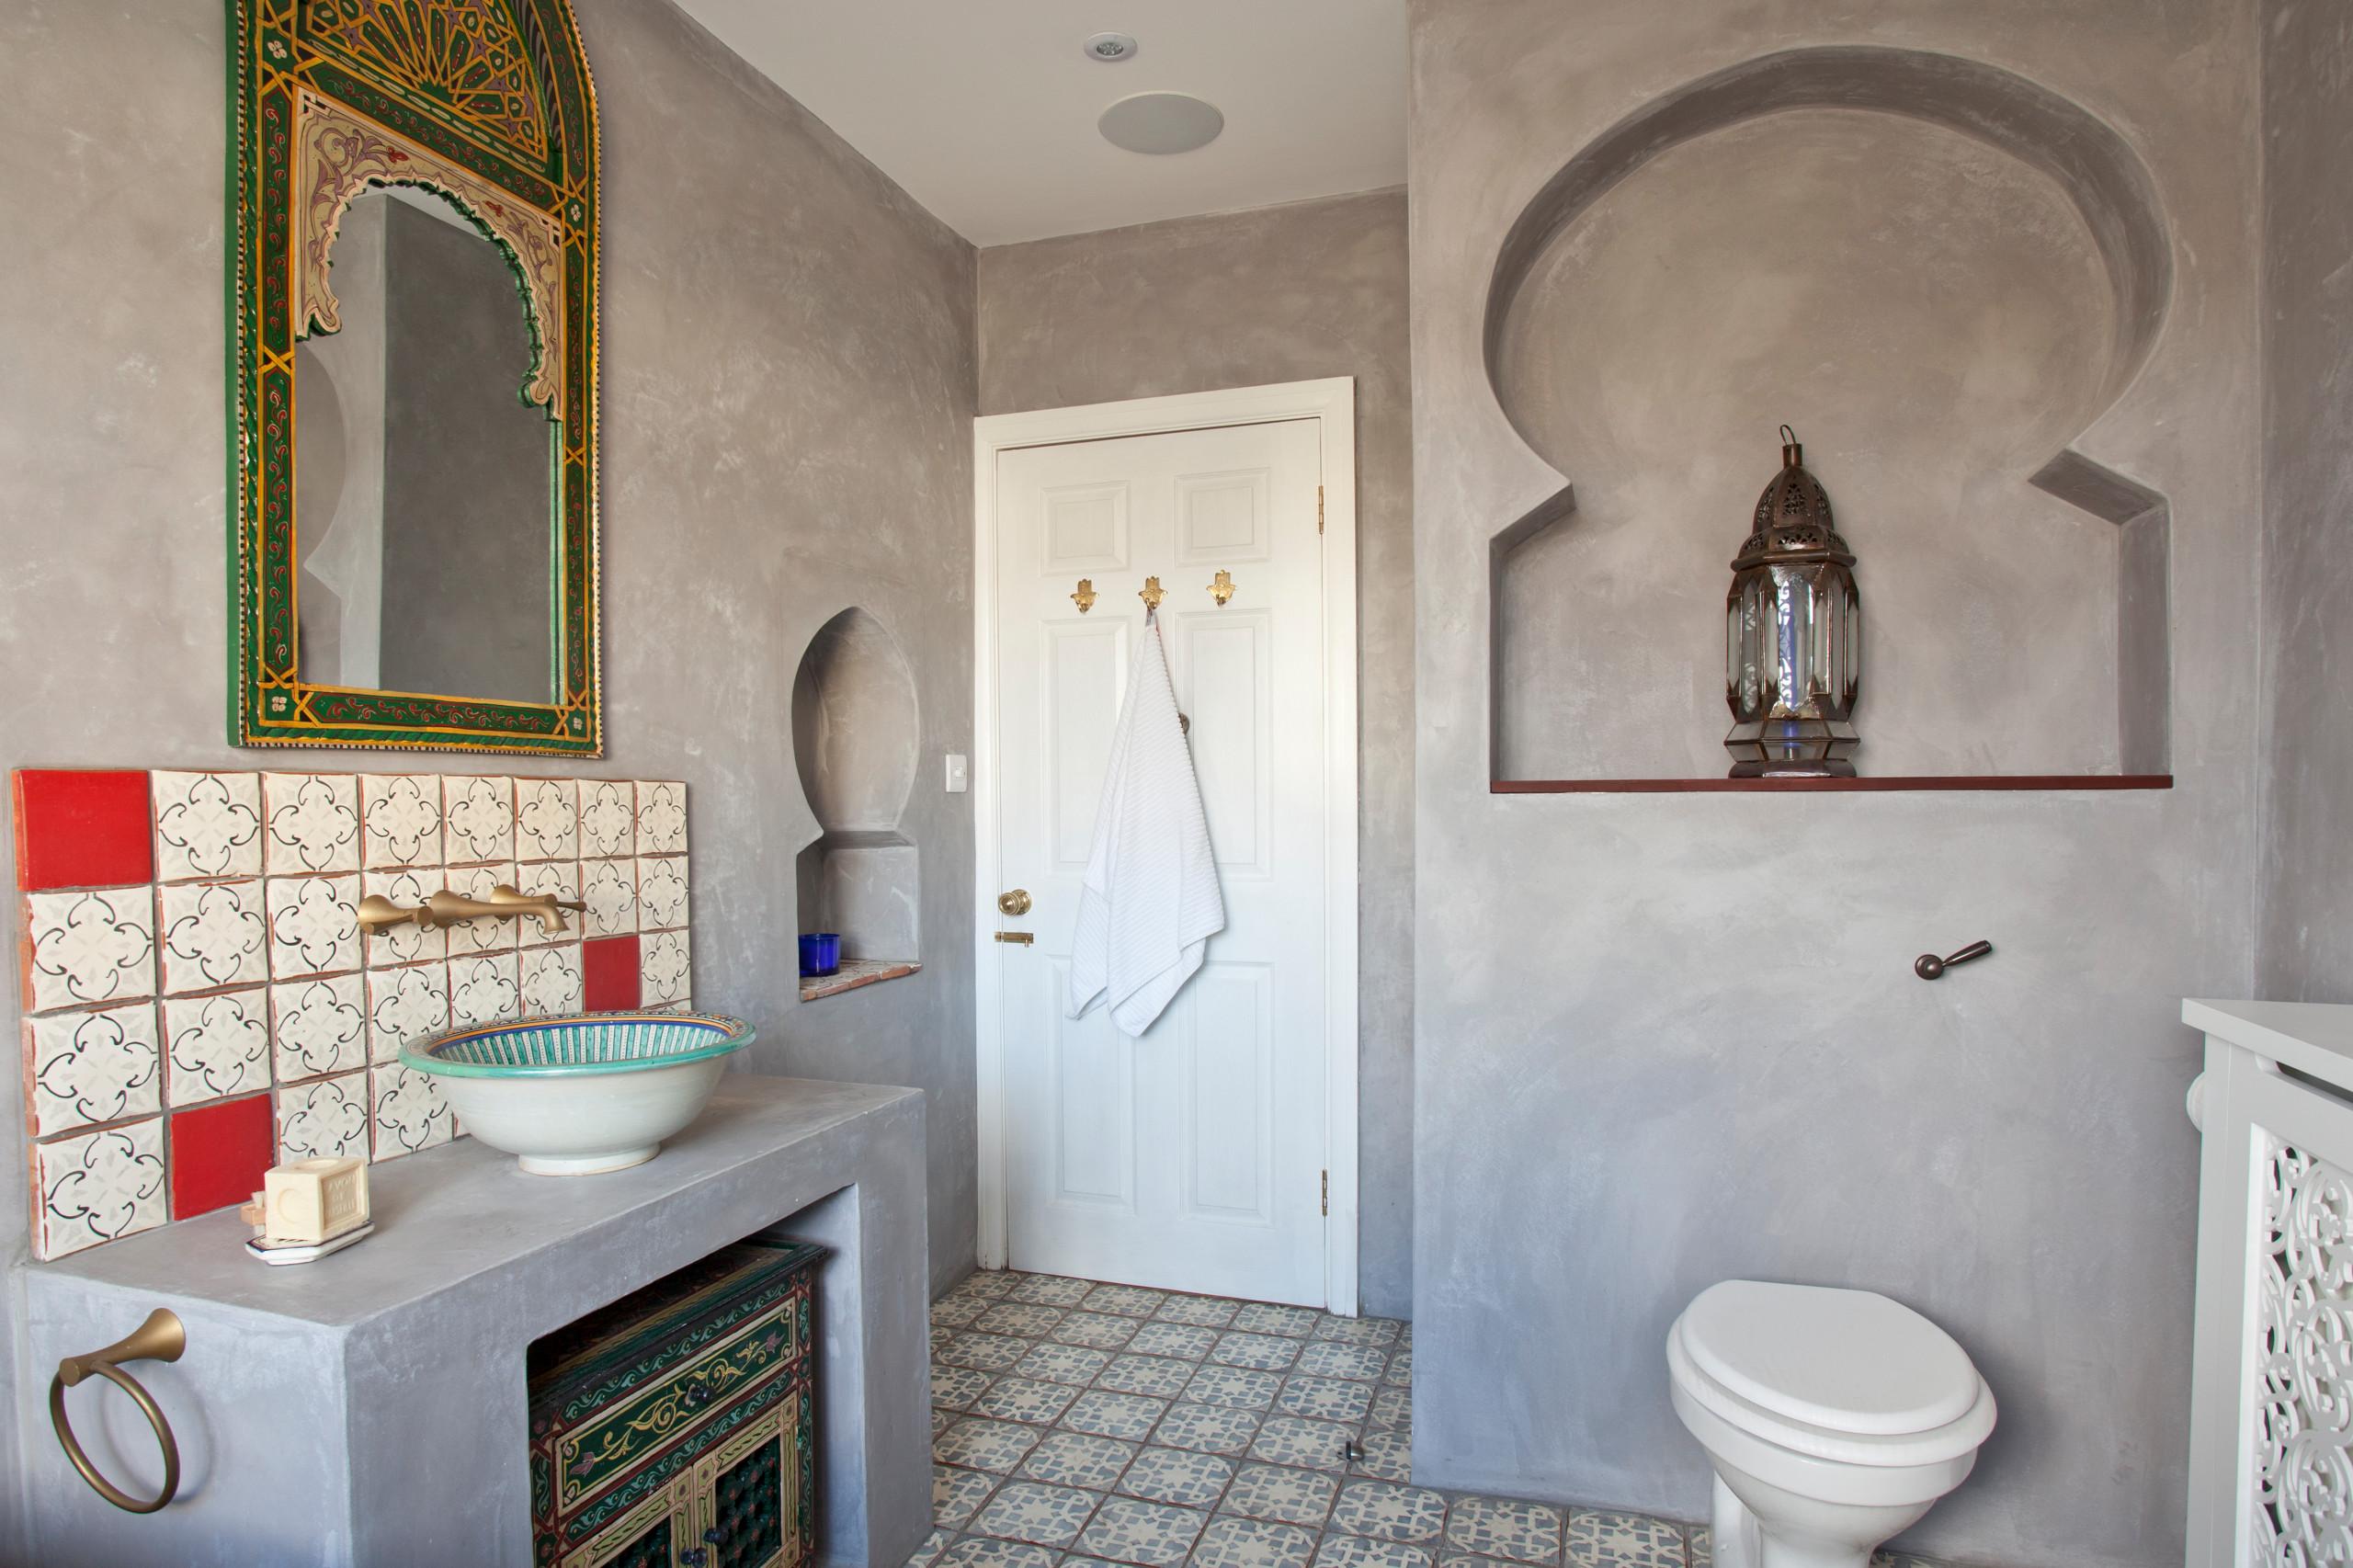 Orientalisches Badezimmer 20 typische Elemente fürs Hamam Feeling ...